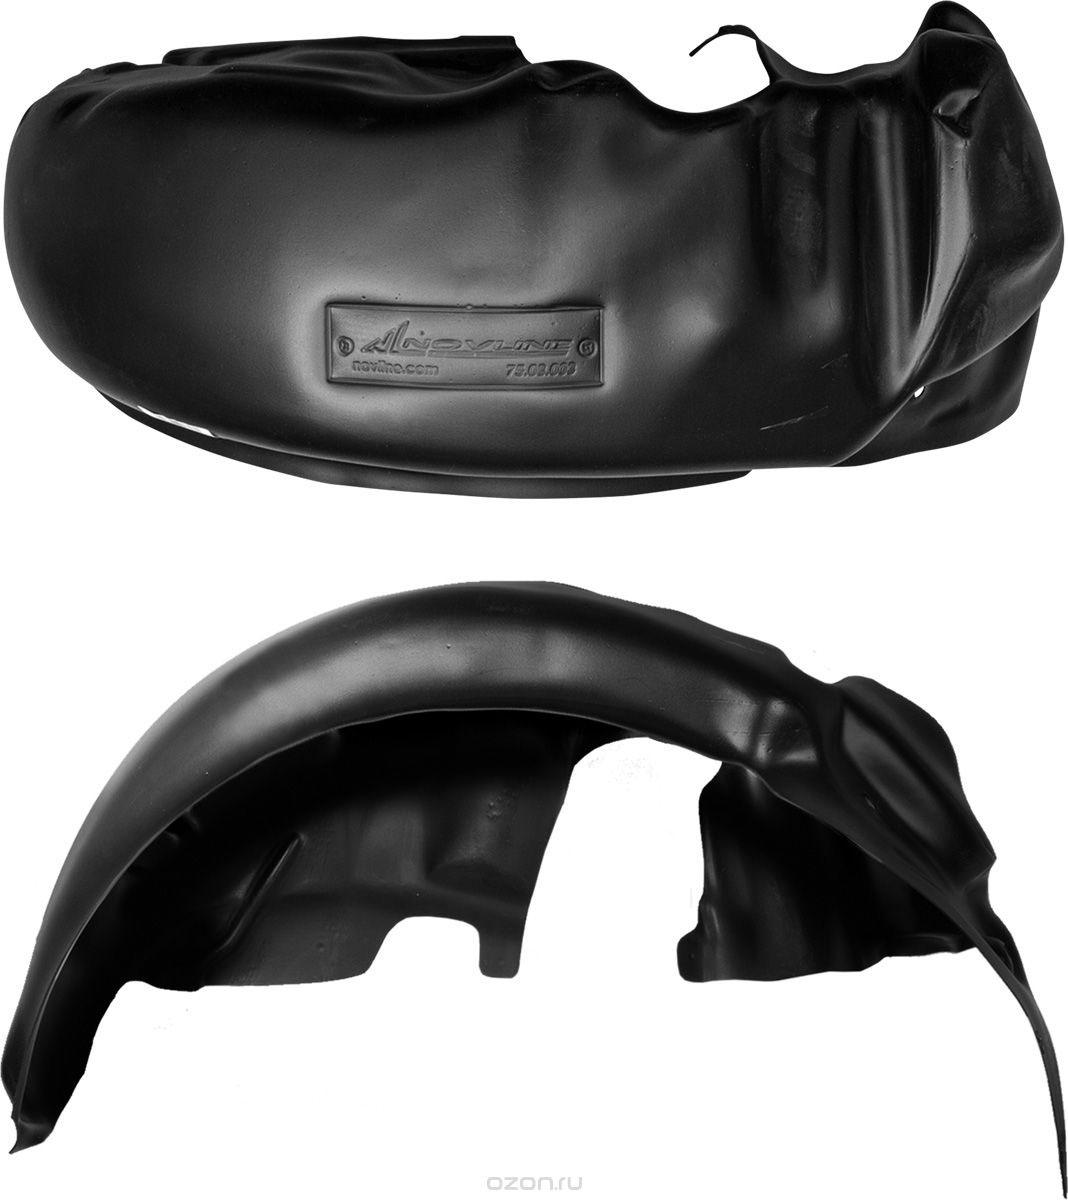 Подкрылок Novline-Autofamily, для ВАЗ 2108-099 1987-2004 , задний правый000414Идеальная защита колесной ниши. Локеры разработаны с применением цифровых технологий, гарантируют максимальную повторяемость поверхности арки. Изделия устанавливаются без нарушения лакокрасочного покрытия автомобиля, каждый подкрылок комплектуется крепежом. Уважаемые клиенты, обращаем ваше внимание, что фотографии на подкрылки универсальные и не отражают реальную форму изделия. При этом само изделие идет точно под размер указанного автомобиля.